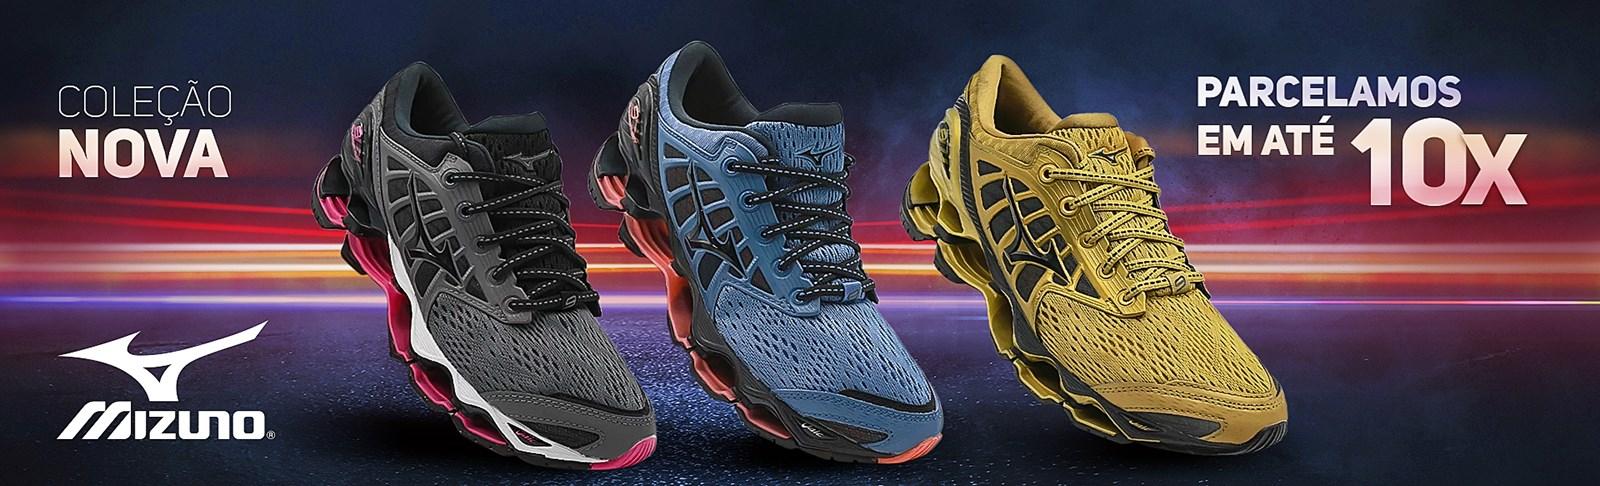 Anita Shoes - Calçados e Acessórios - Tênis - Tênis feminino, masculino e infantil. Diversas marcas, cores e modelos.